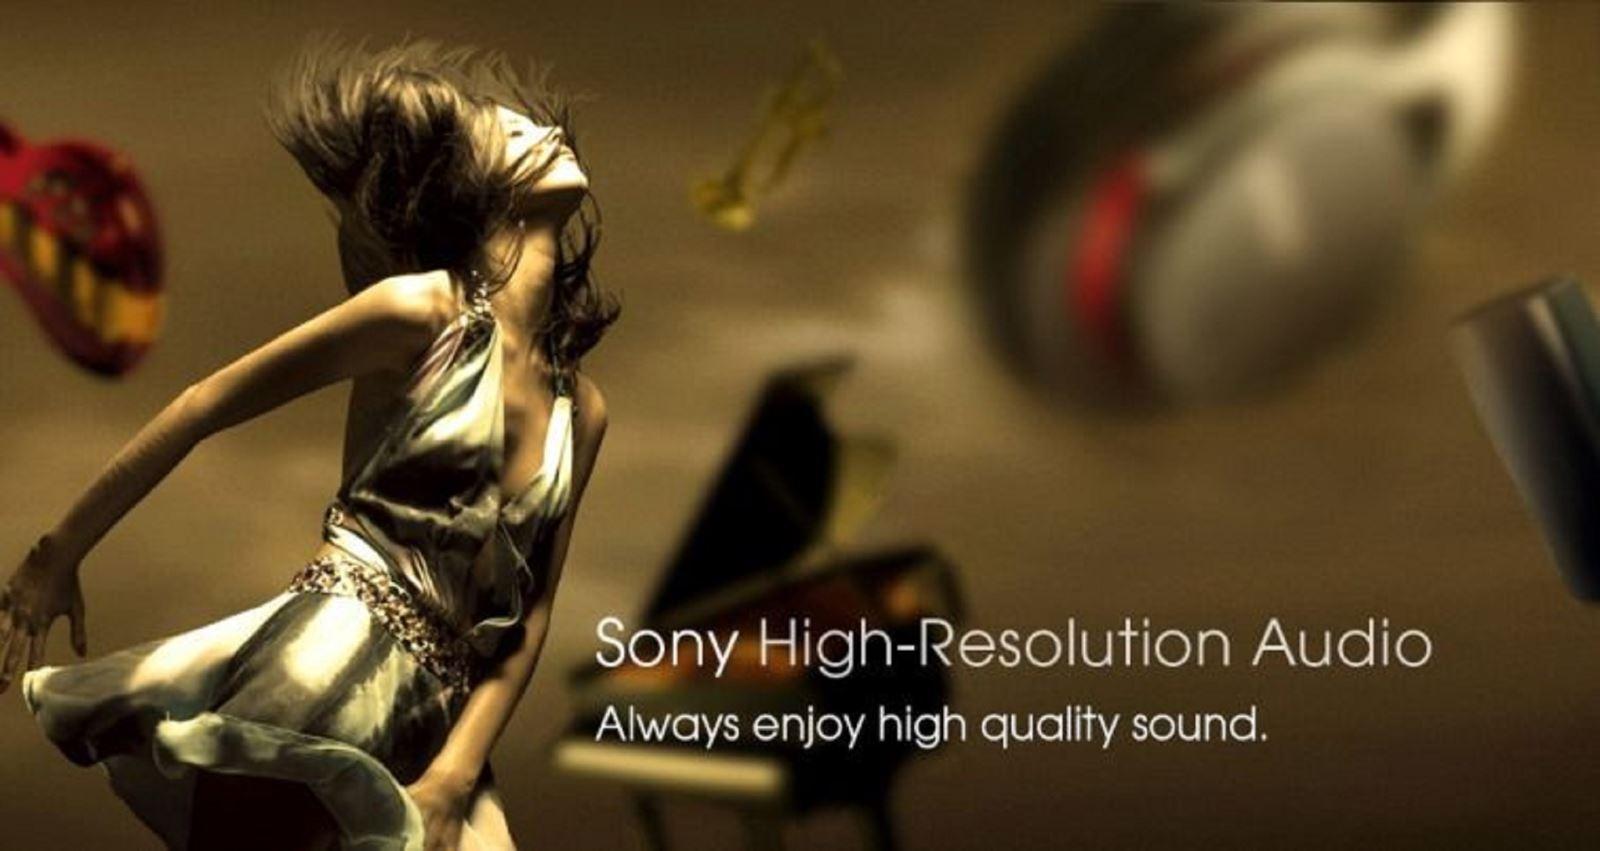 Điểm qua những công nghệ âm thanh cực chất có trong dàn âm thanh Sony